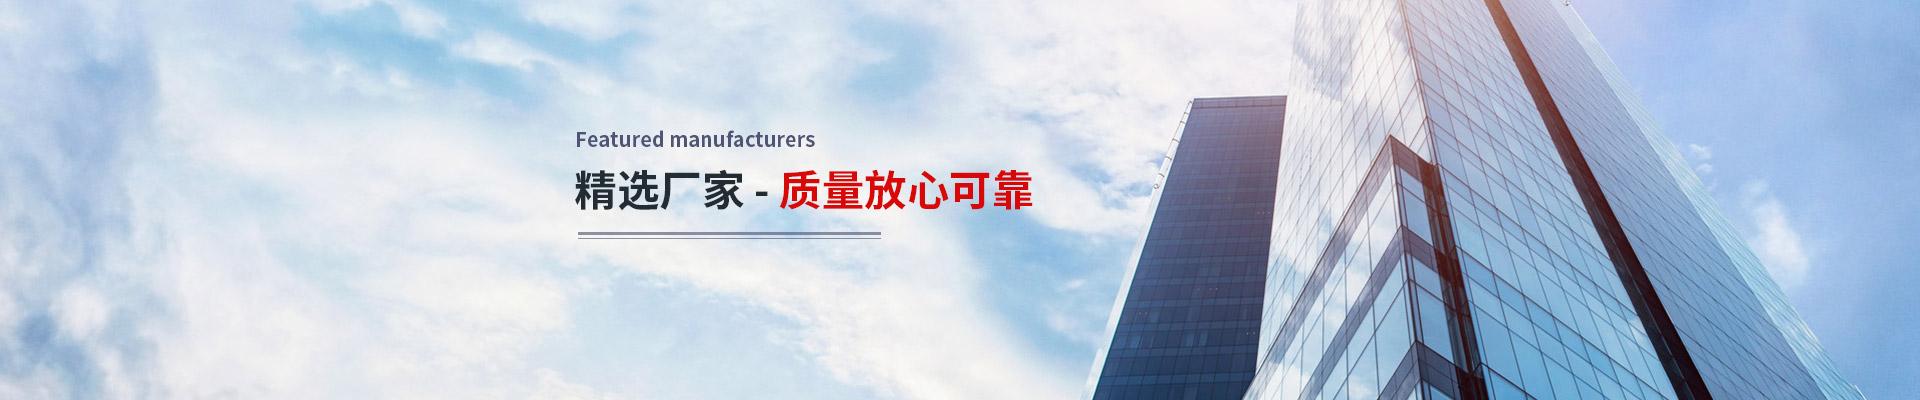 苏州新型节能智能电网项目建设性价比